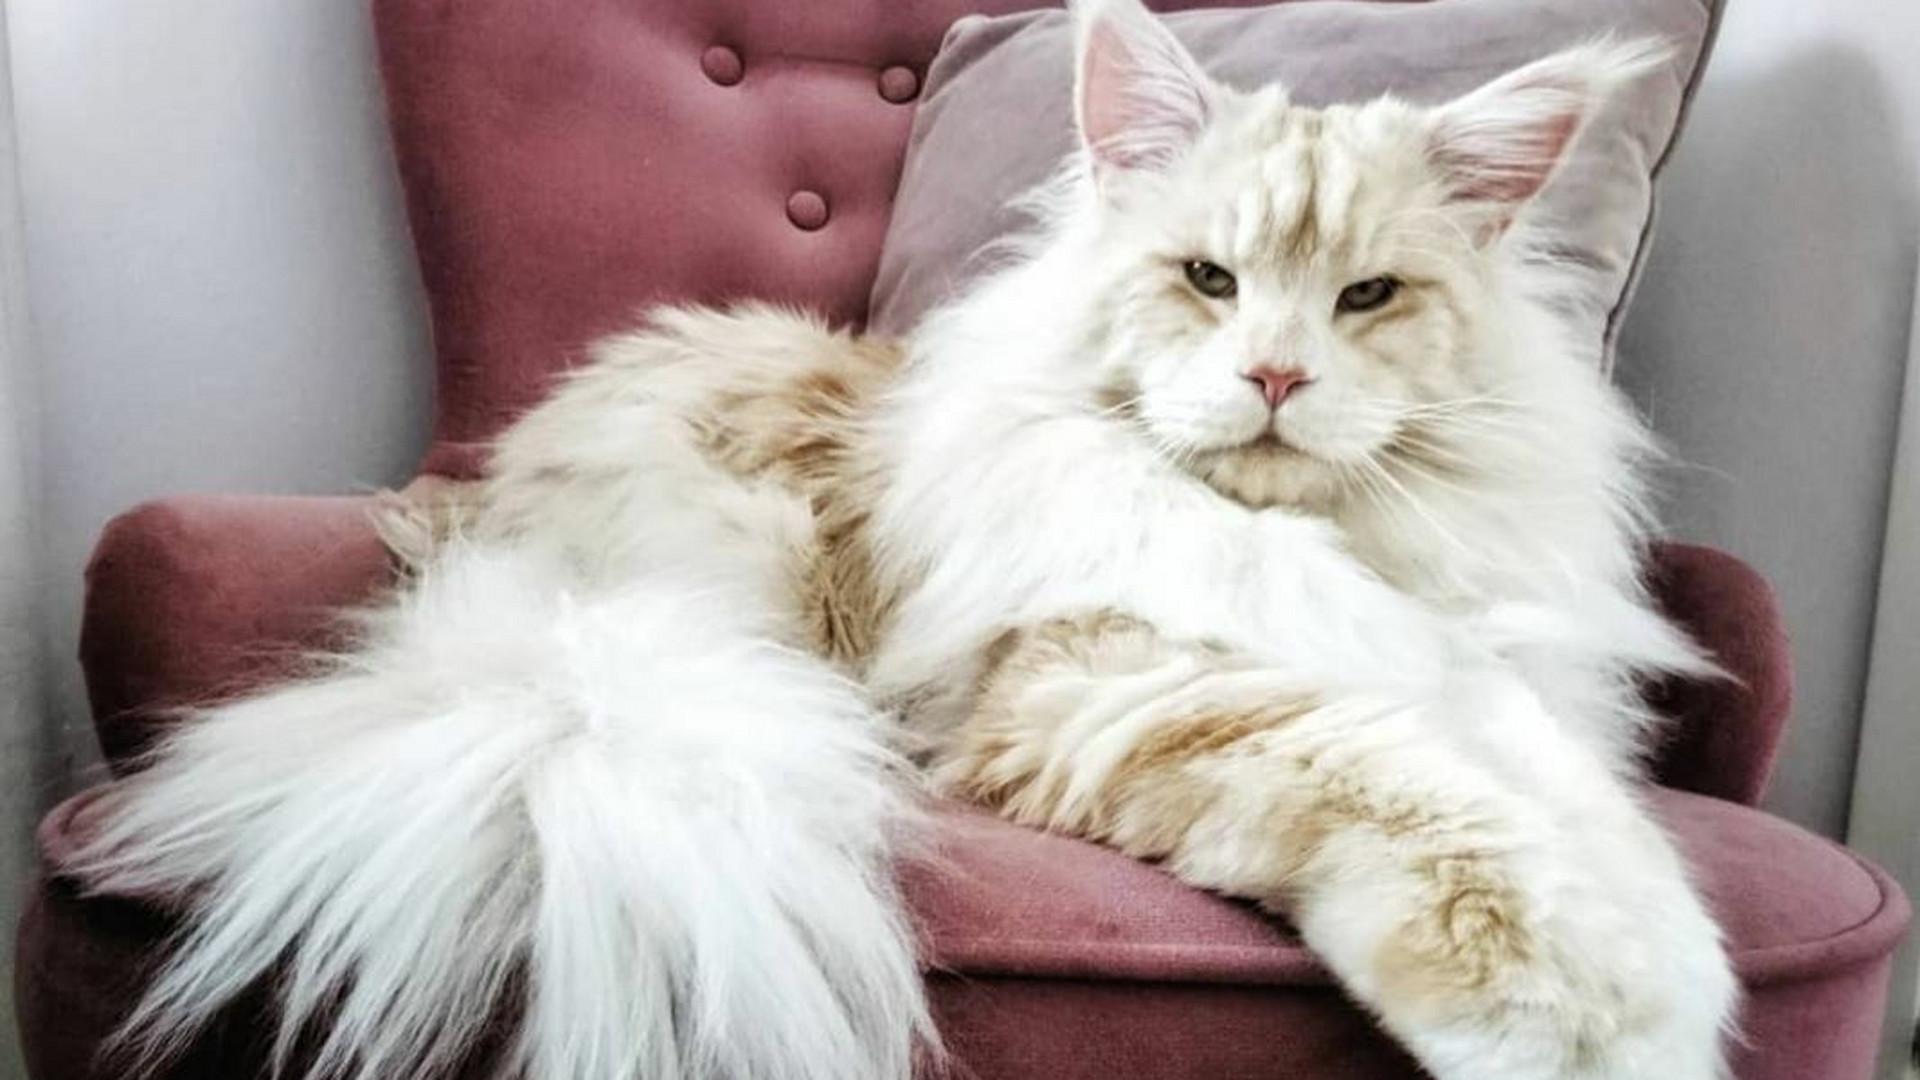 49888cb1f5 Nem a méret a lényeg? Ennek az óriás cicának a tulajával vitatkozhatnánk  erről... - FOTÓK